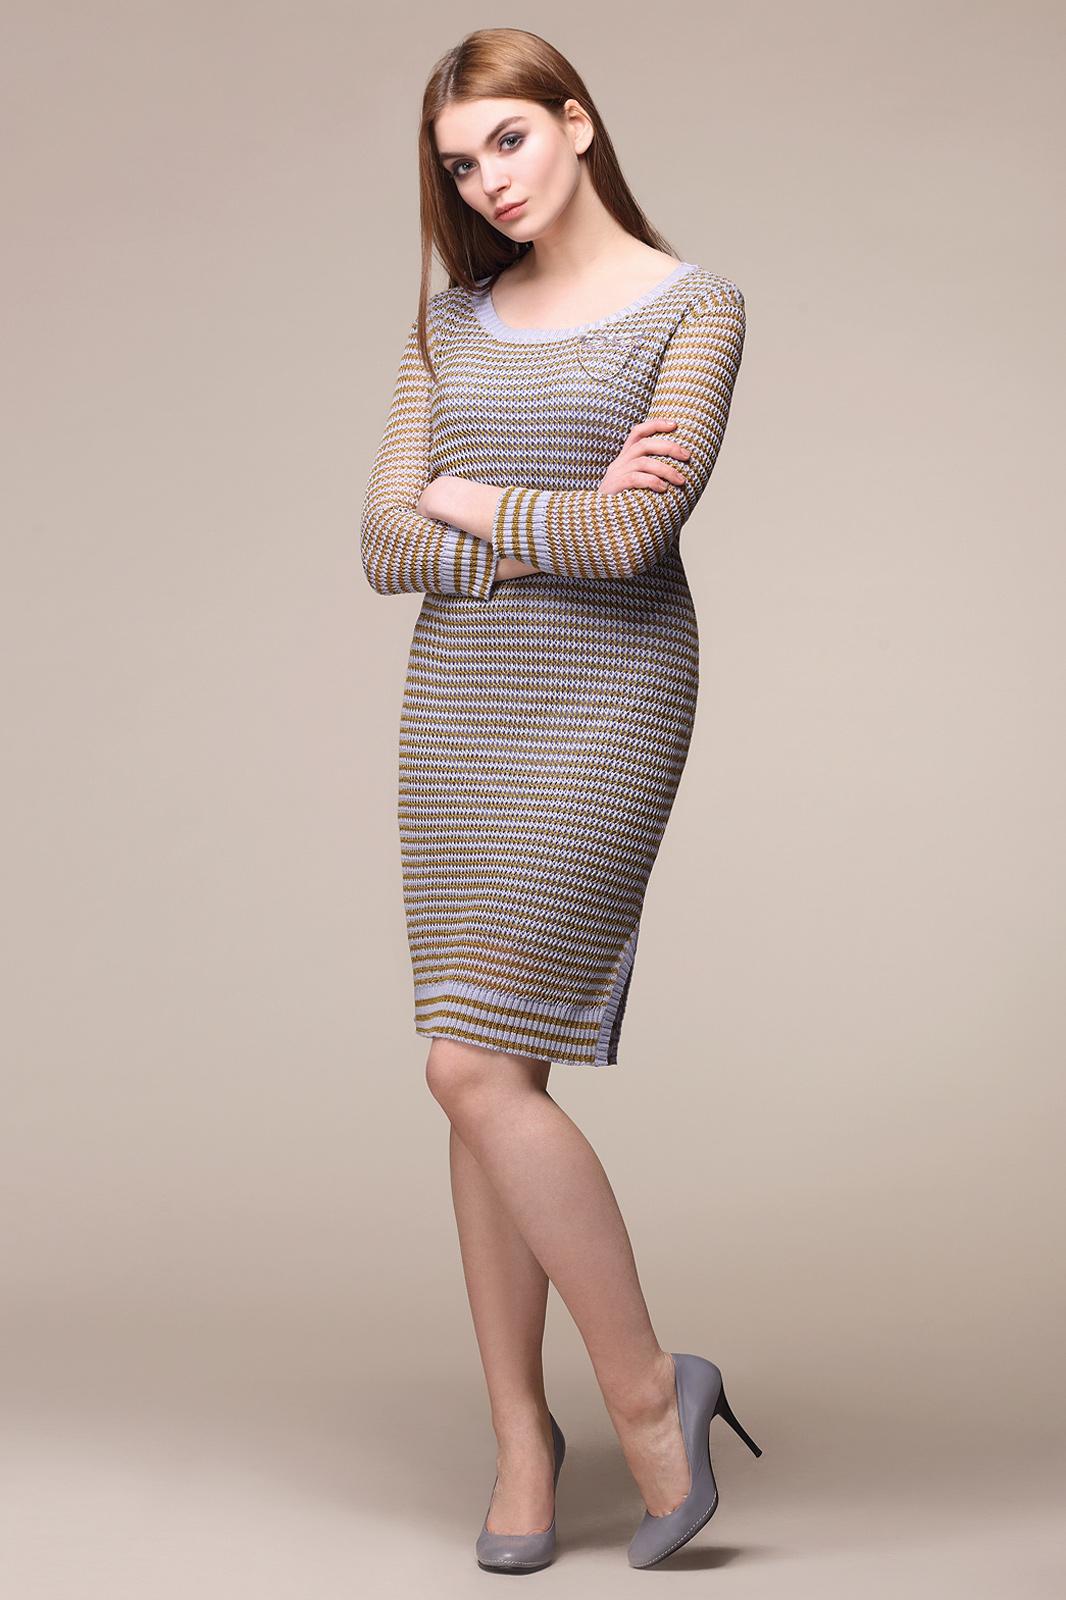 Купить платье в рб недорого